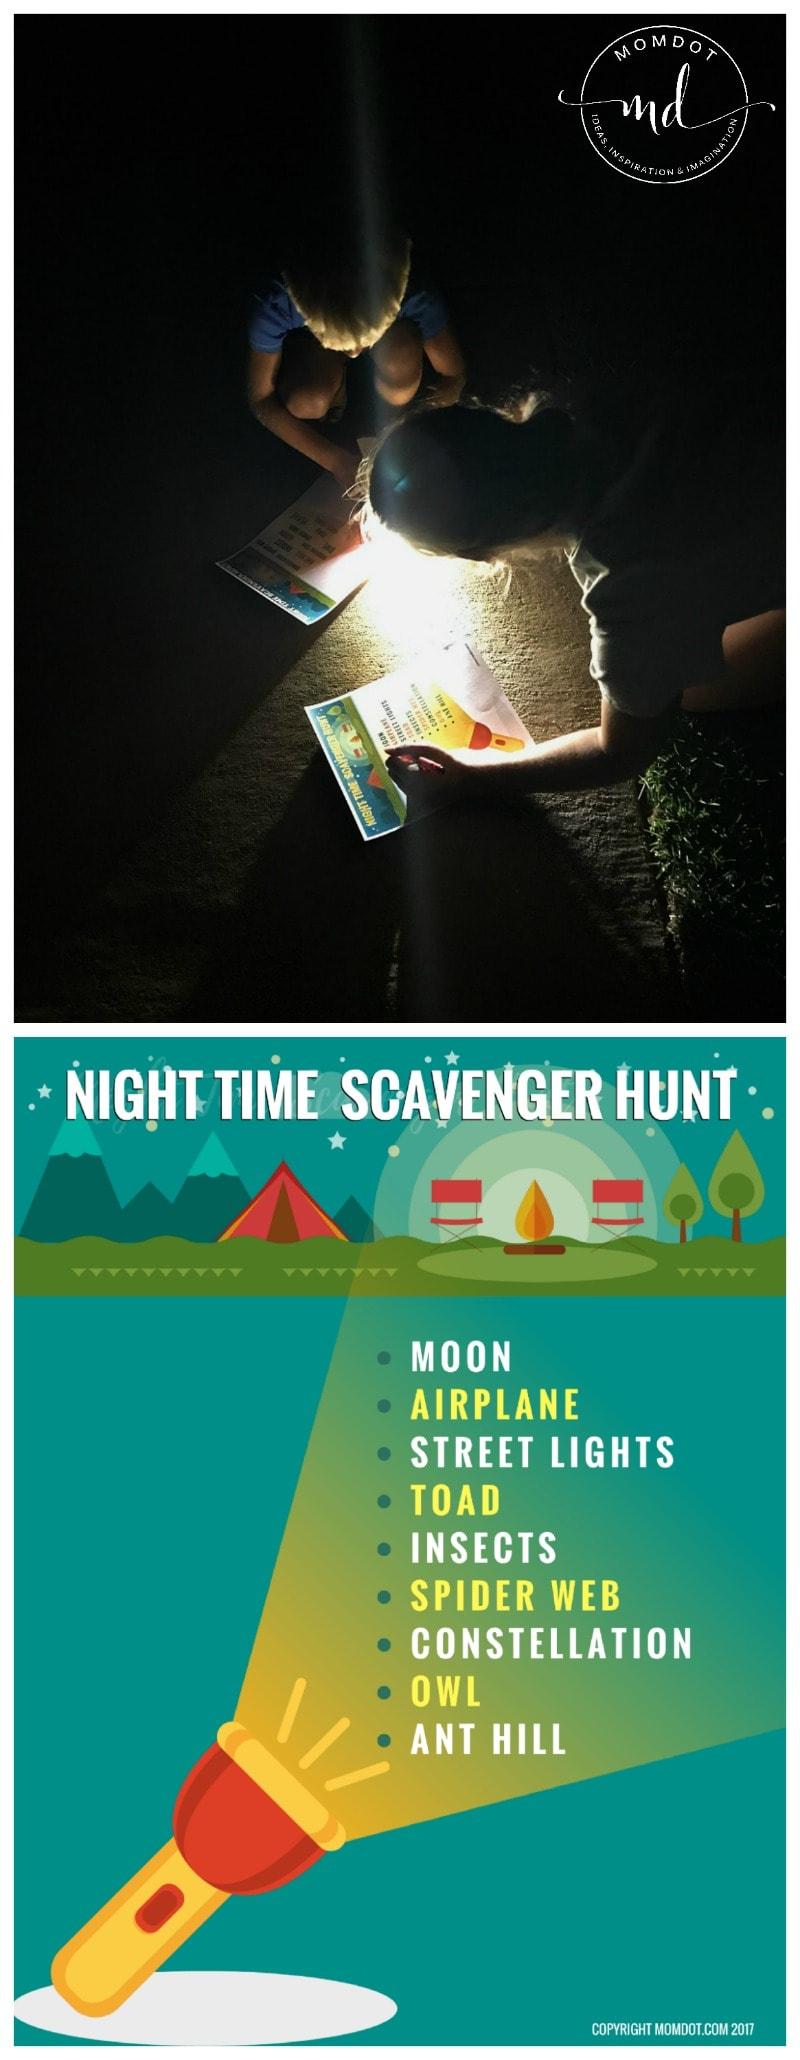 Flashlight Scavenger Hunt | Free Printable | After Dark Scavenger Hunt